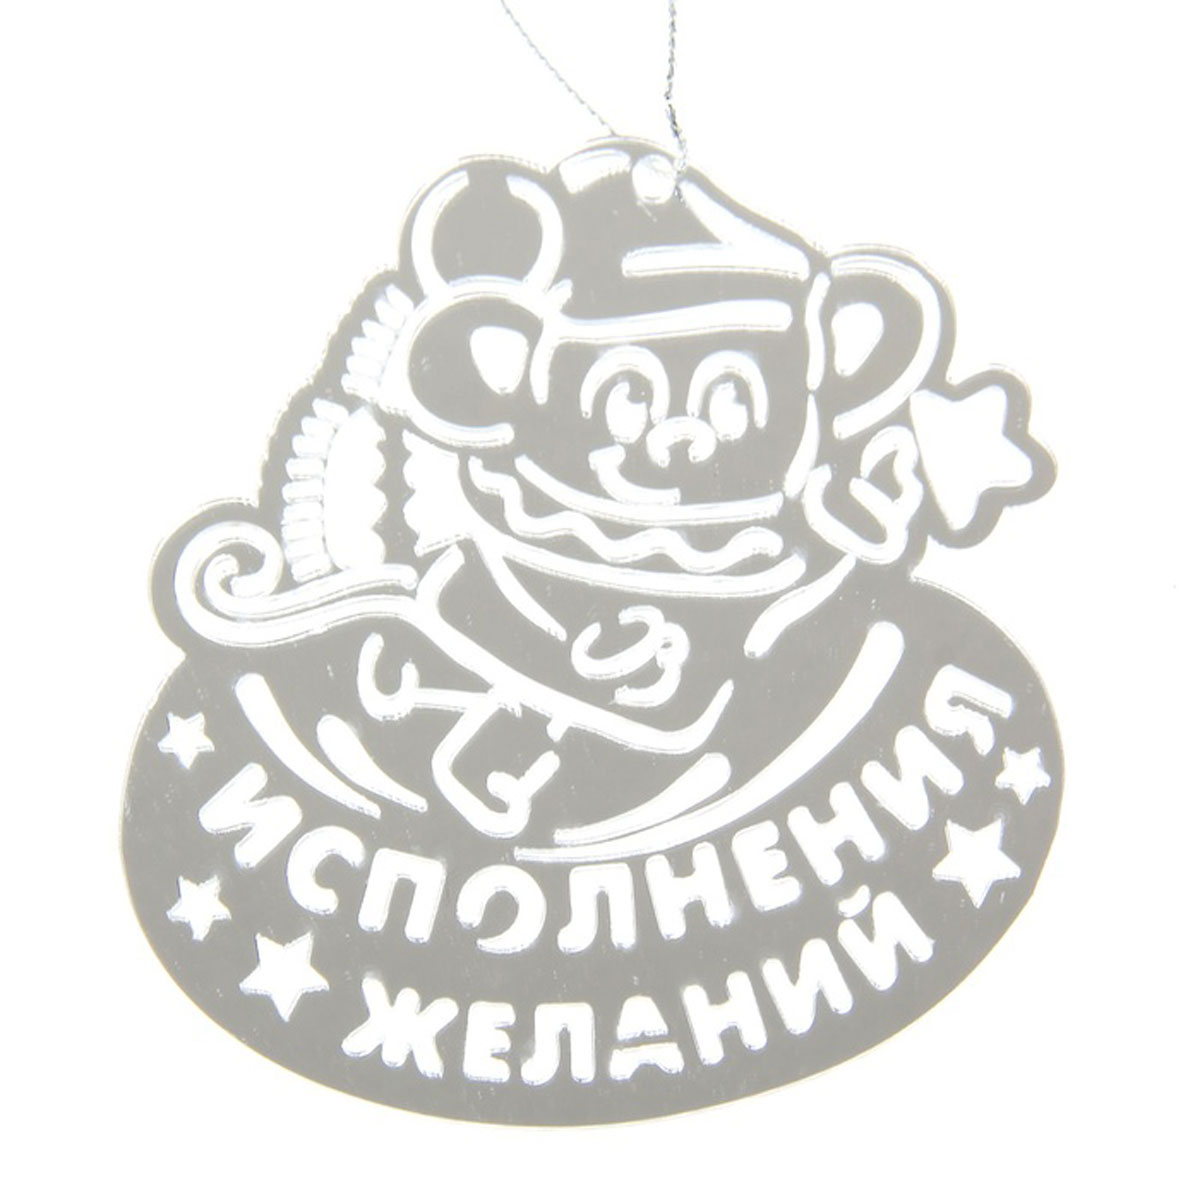 Новогоднее подвесное украшение Sima-land Исполнения желаний, 9,2 см х 10 см1090578Подвесное украшение Sima-land Исполнения желаний, выполненное изакрила, прекрасно подойдет для праздничного декора вашей ели. Изделие оснащенозеркальной поверхностью и специальной текстильной петелькой, благодаря которой его можноповесить в любом понравившемся вам месте. Но удачнеевсего такая игрушка будет смотреться на праздничной елке.Елочная игрушка - символ Нового года и Рождества. Она несет в себе волшебствои красоту праздника. Создайте в своем доме атмосферу веселья и радости,украшая новогоднюю елку нарядными игрушками, которые будут из года в годнакапливать теплоту воспоминаний.